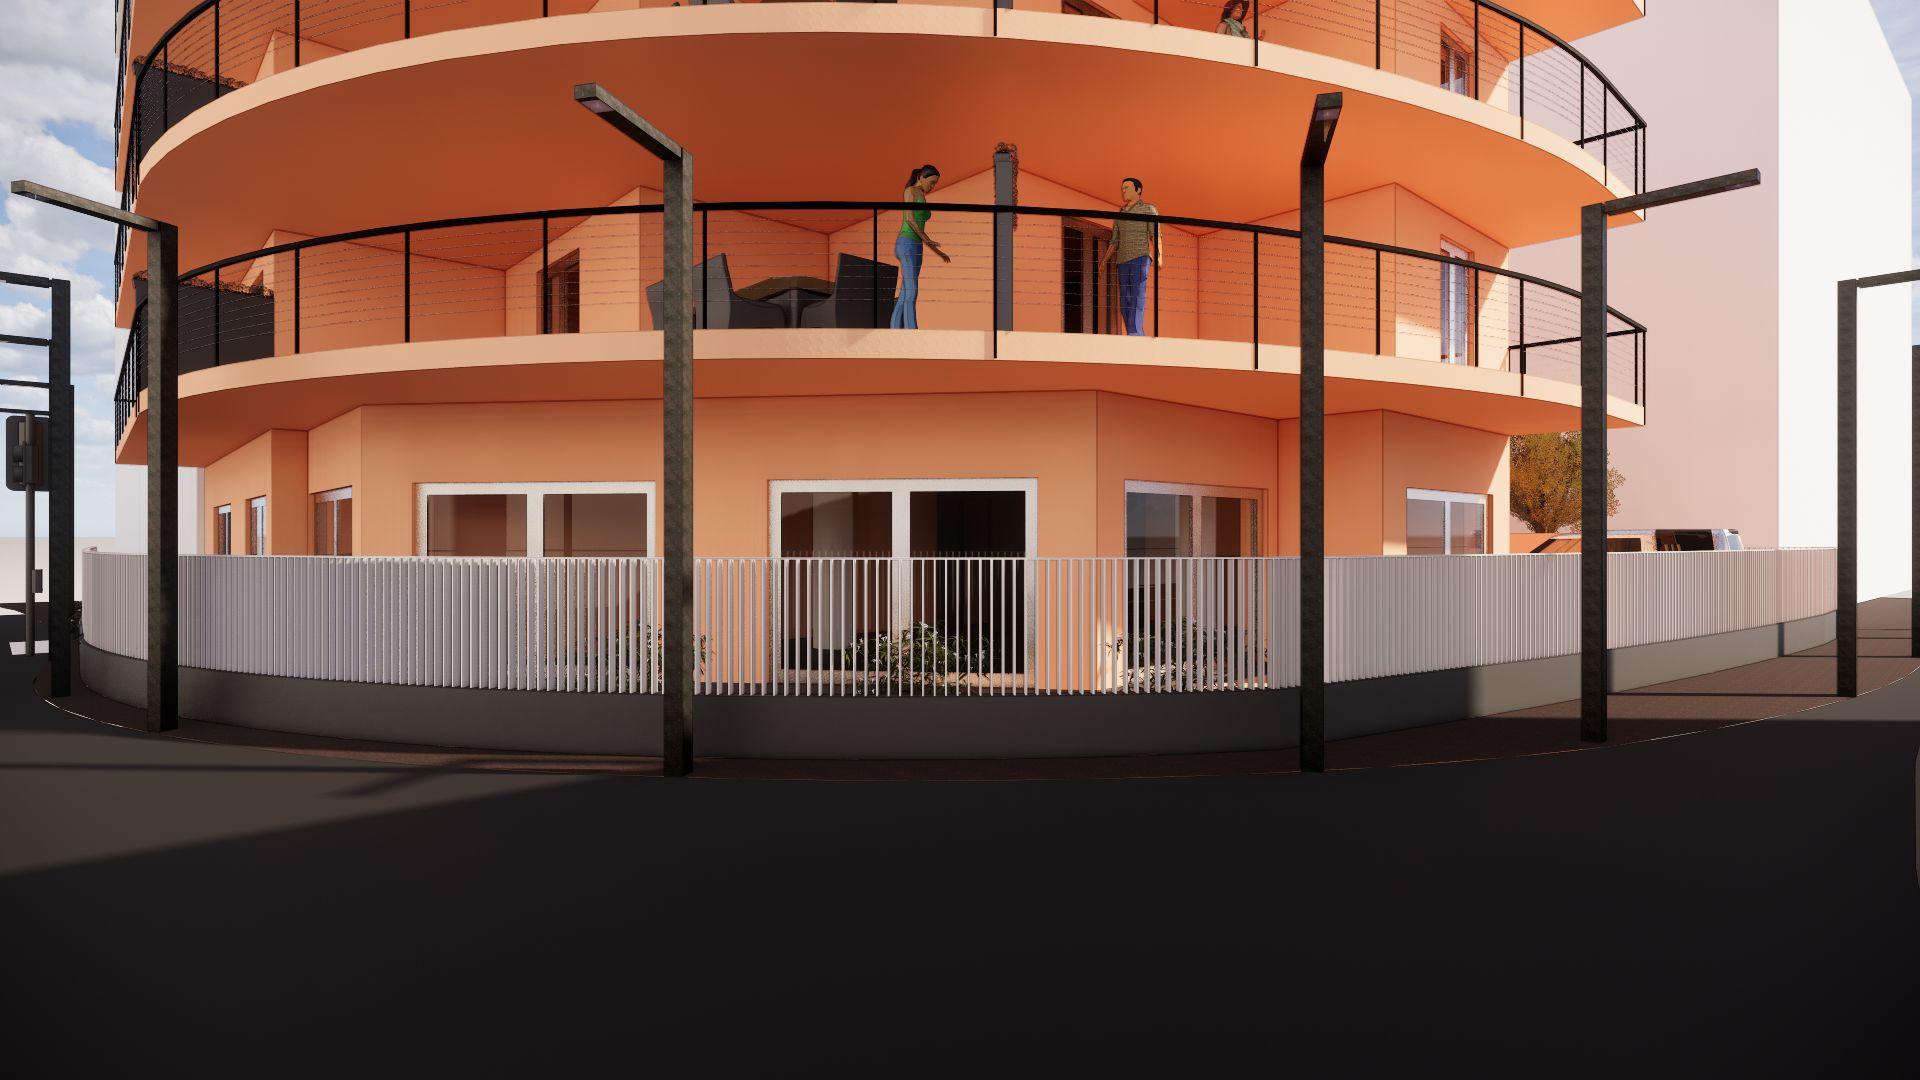 Enscape-2020-01-14-20-15-29-3500-3500